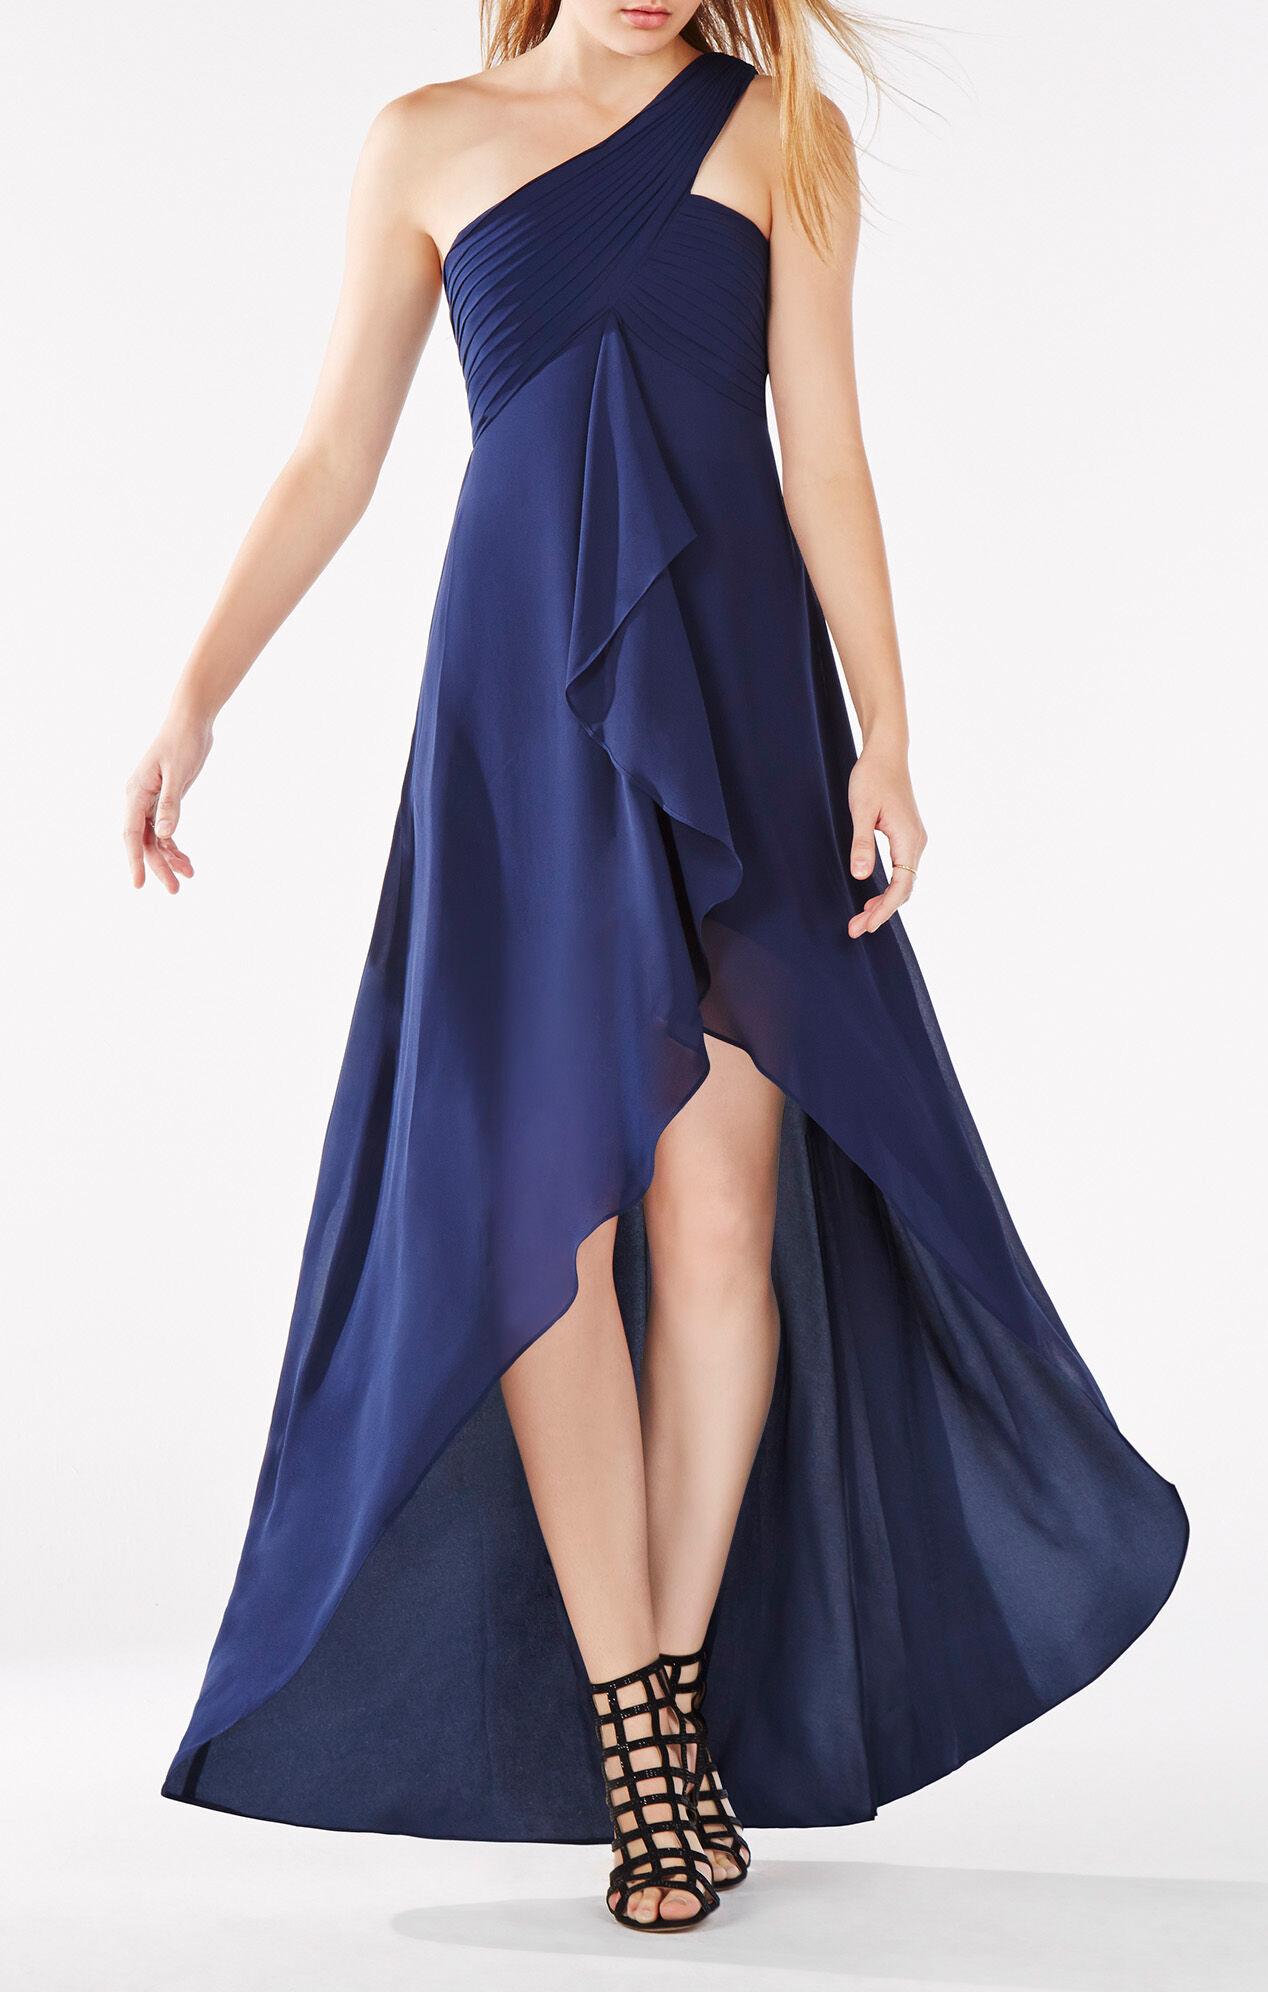 Bcbg navy blue one shoulder dress